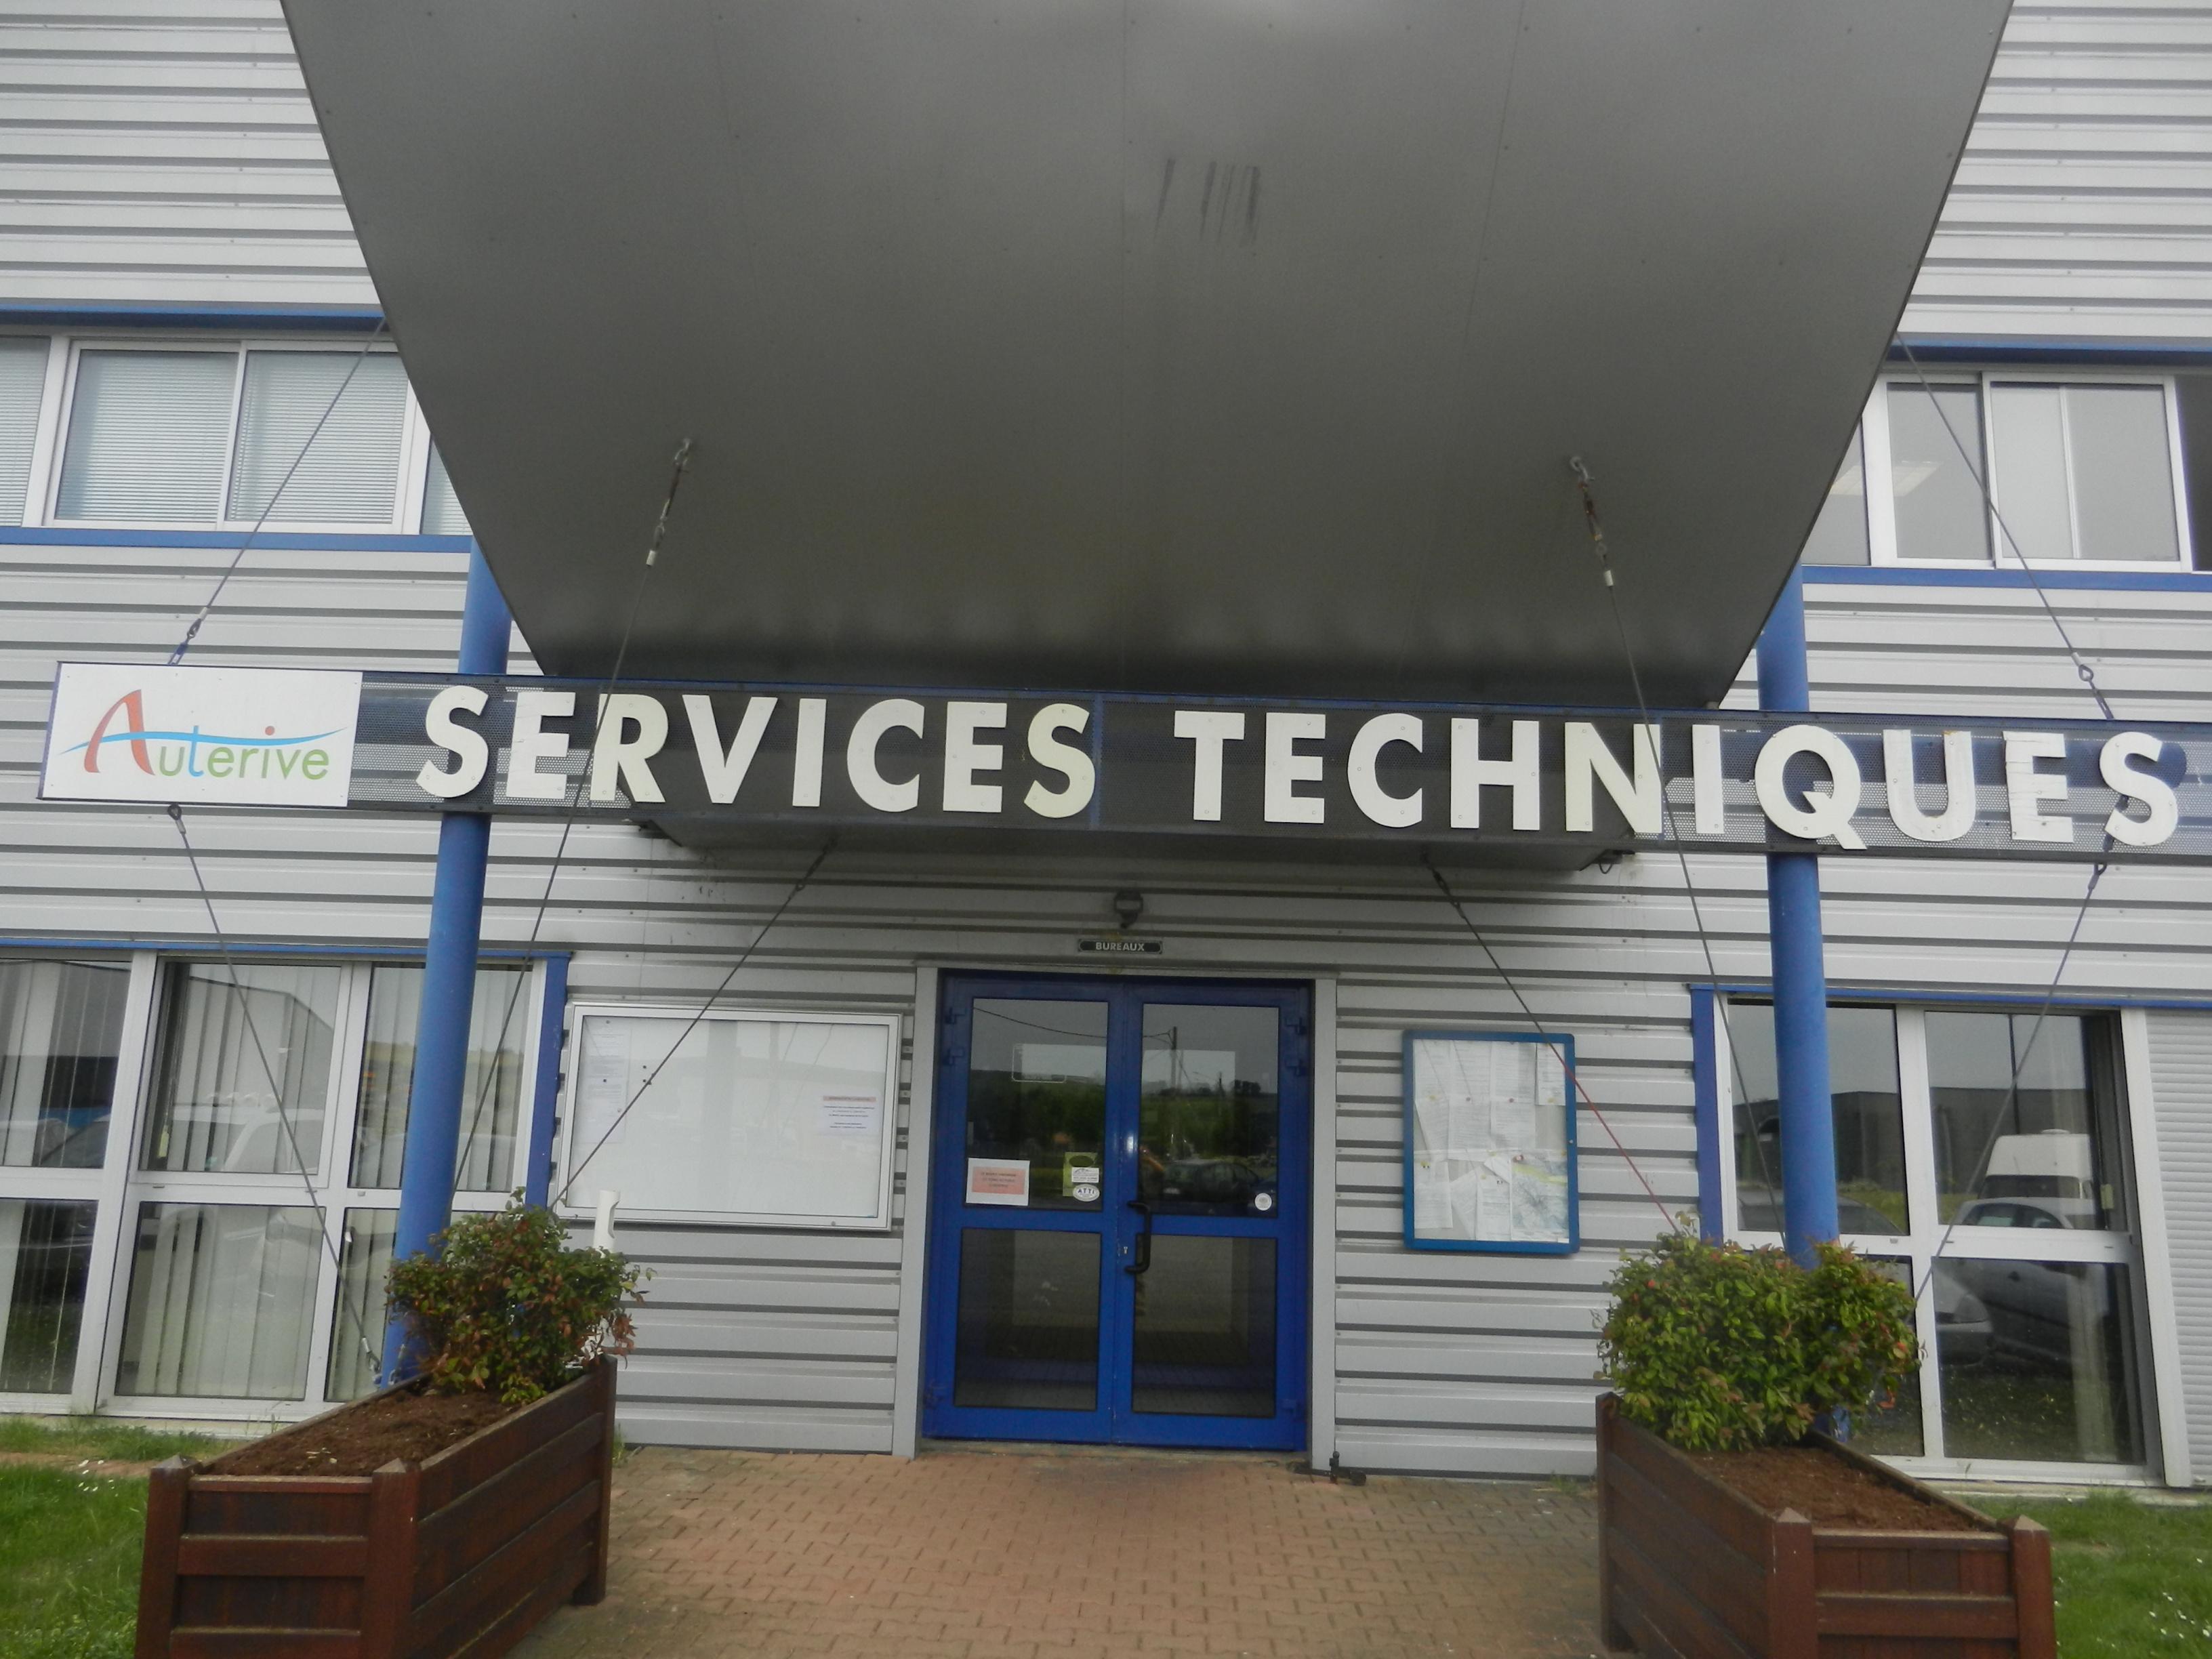 Les Services Techniques de la ville